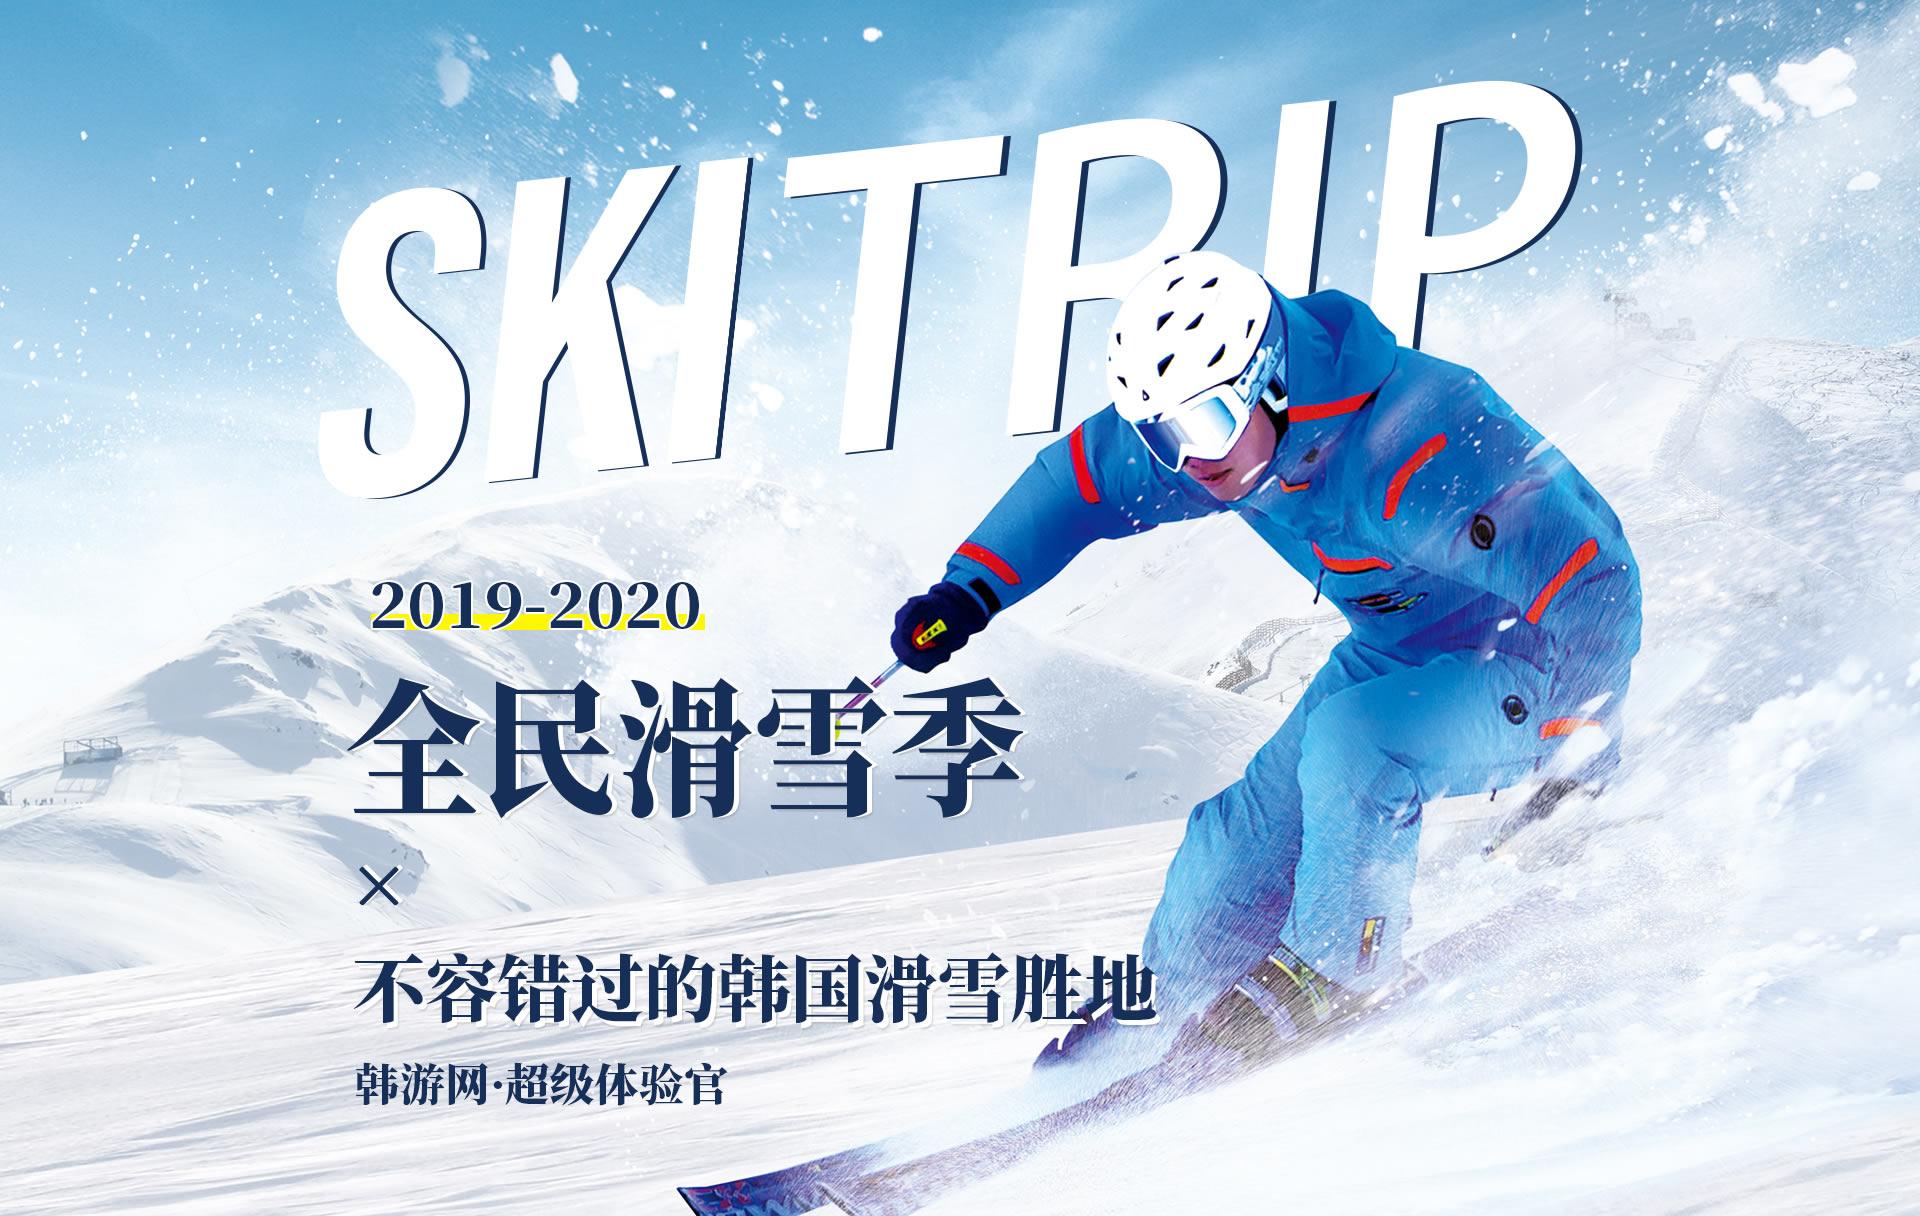 2019-2020韩国滑雪季,不容错过的滑雪胜地